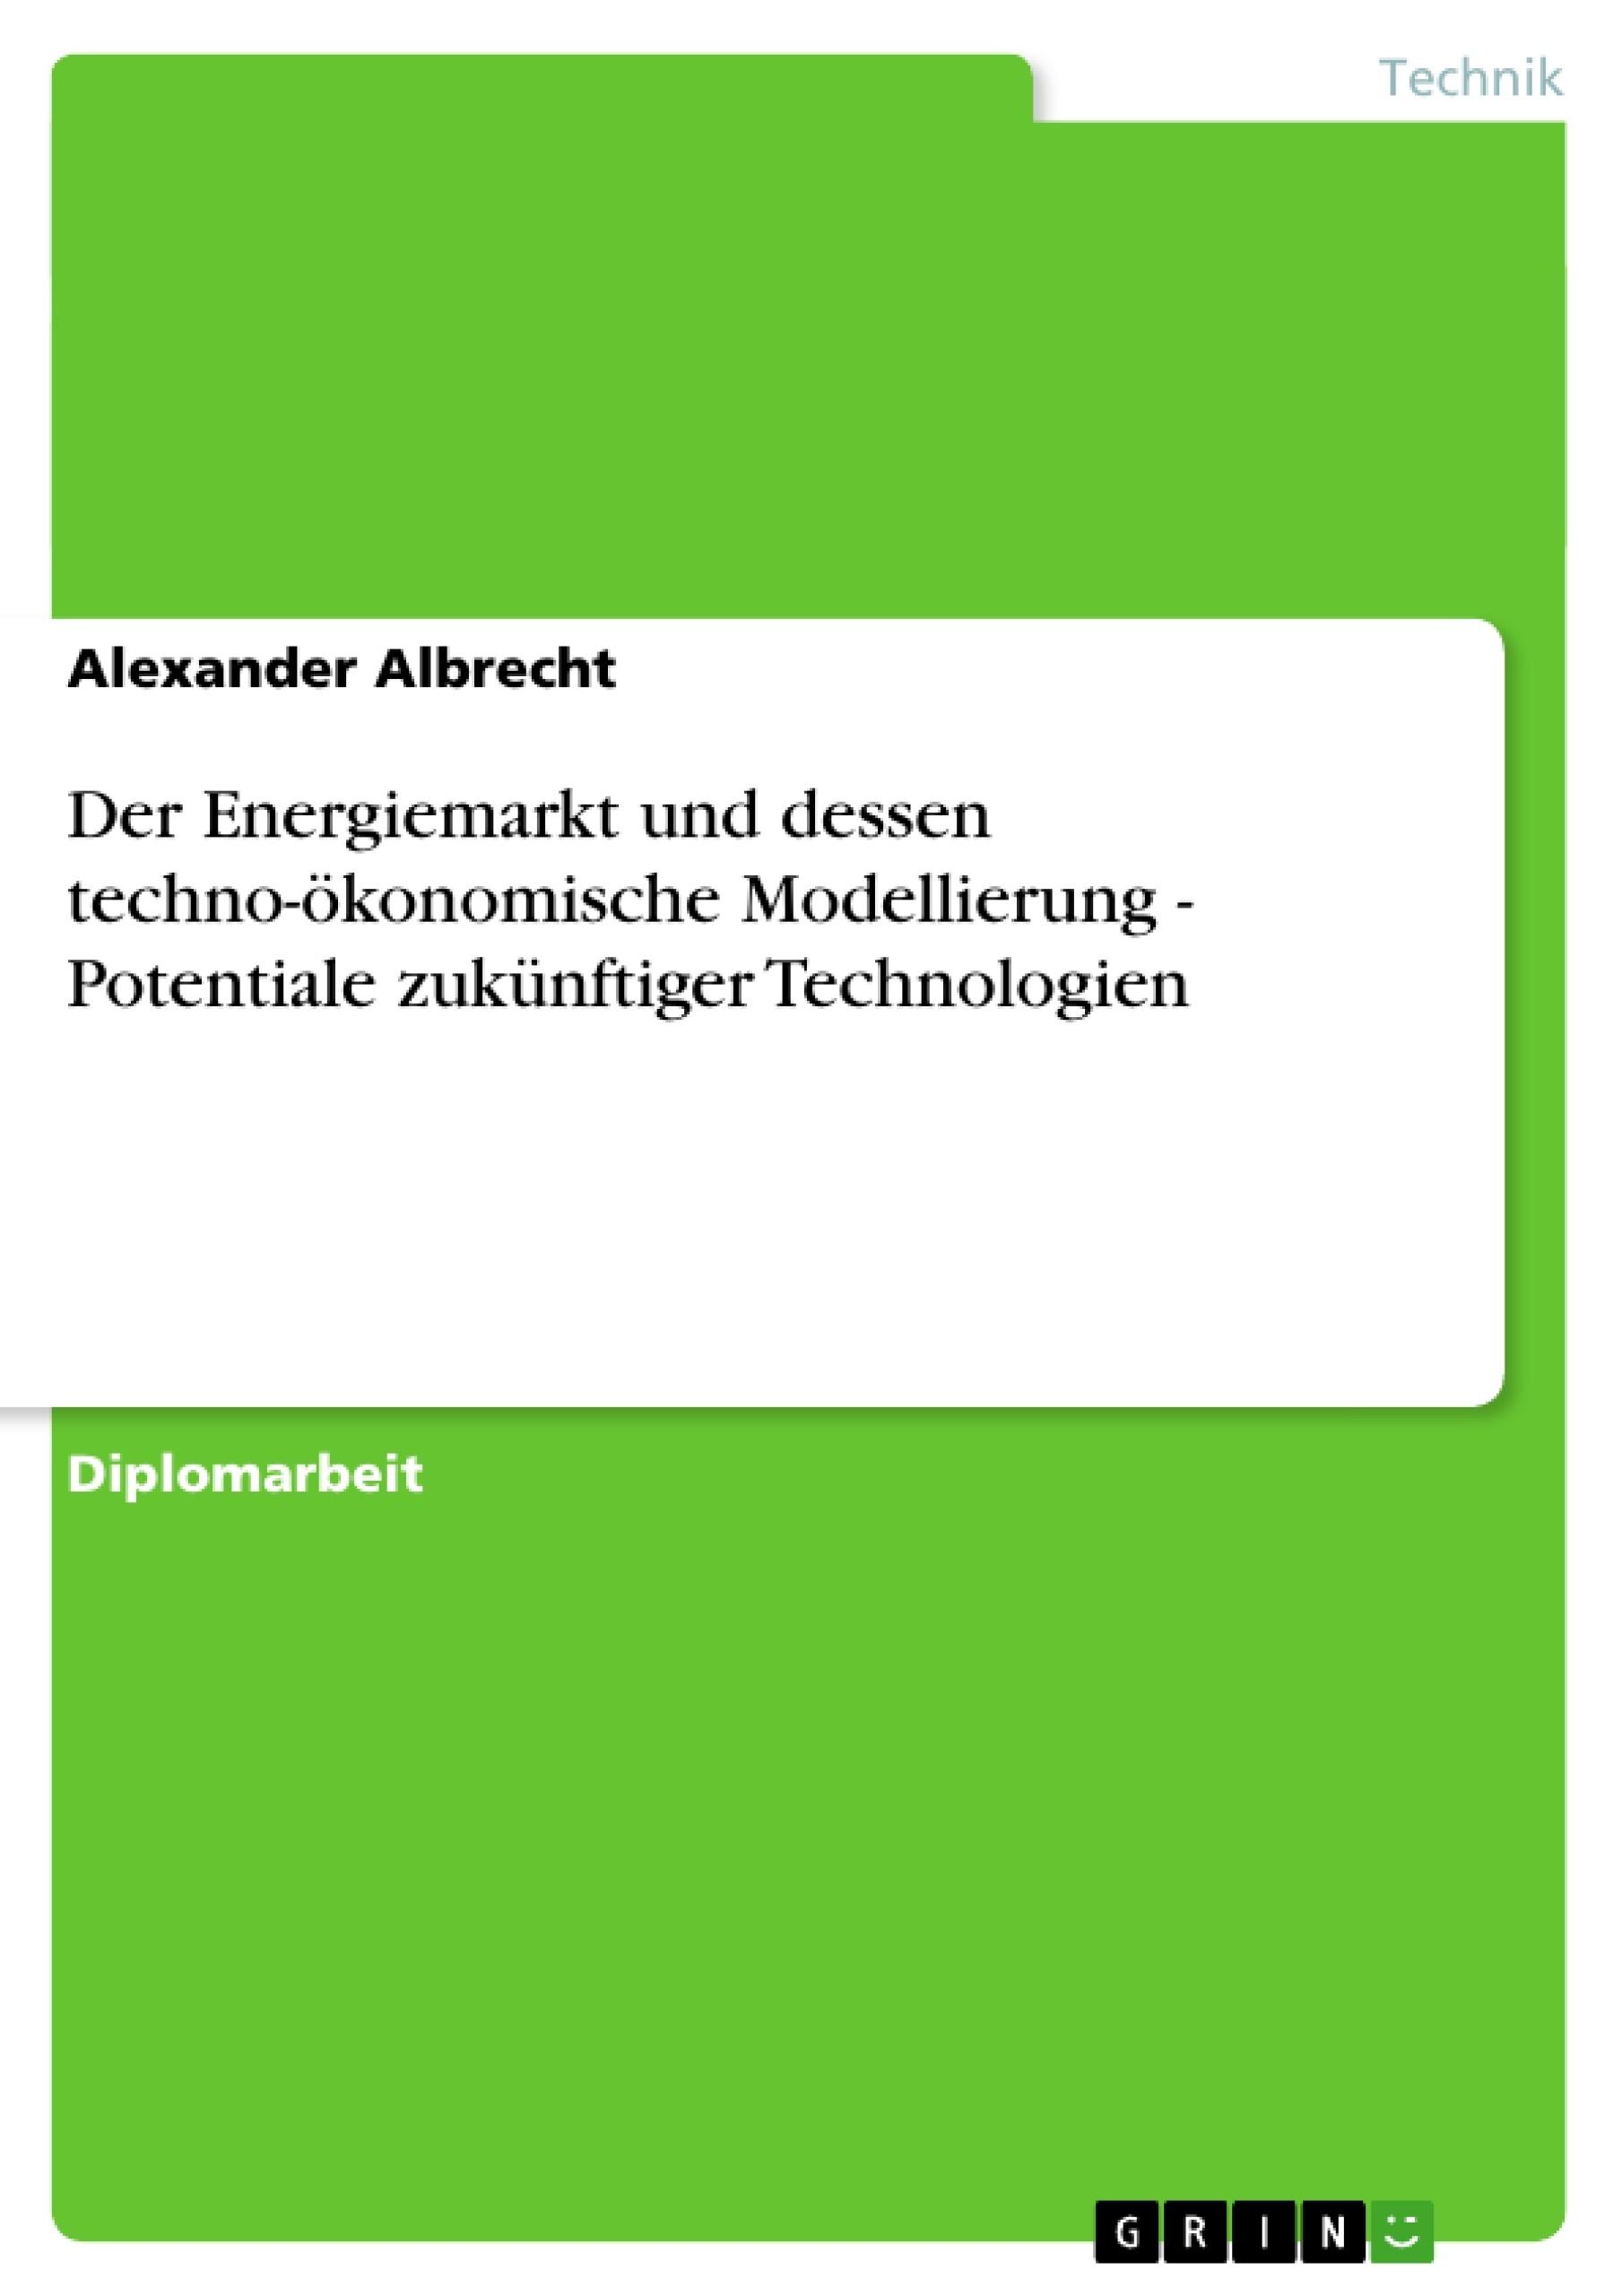 Titel: Der Energiemarkt und dessen techno-ökonomische Modellierung - Potentiale zukünftiger Technologien